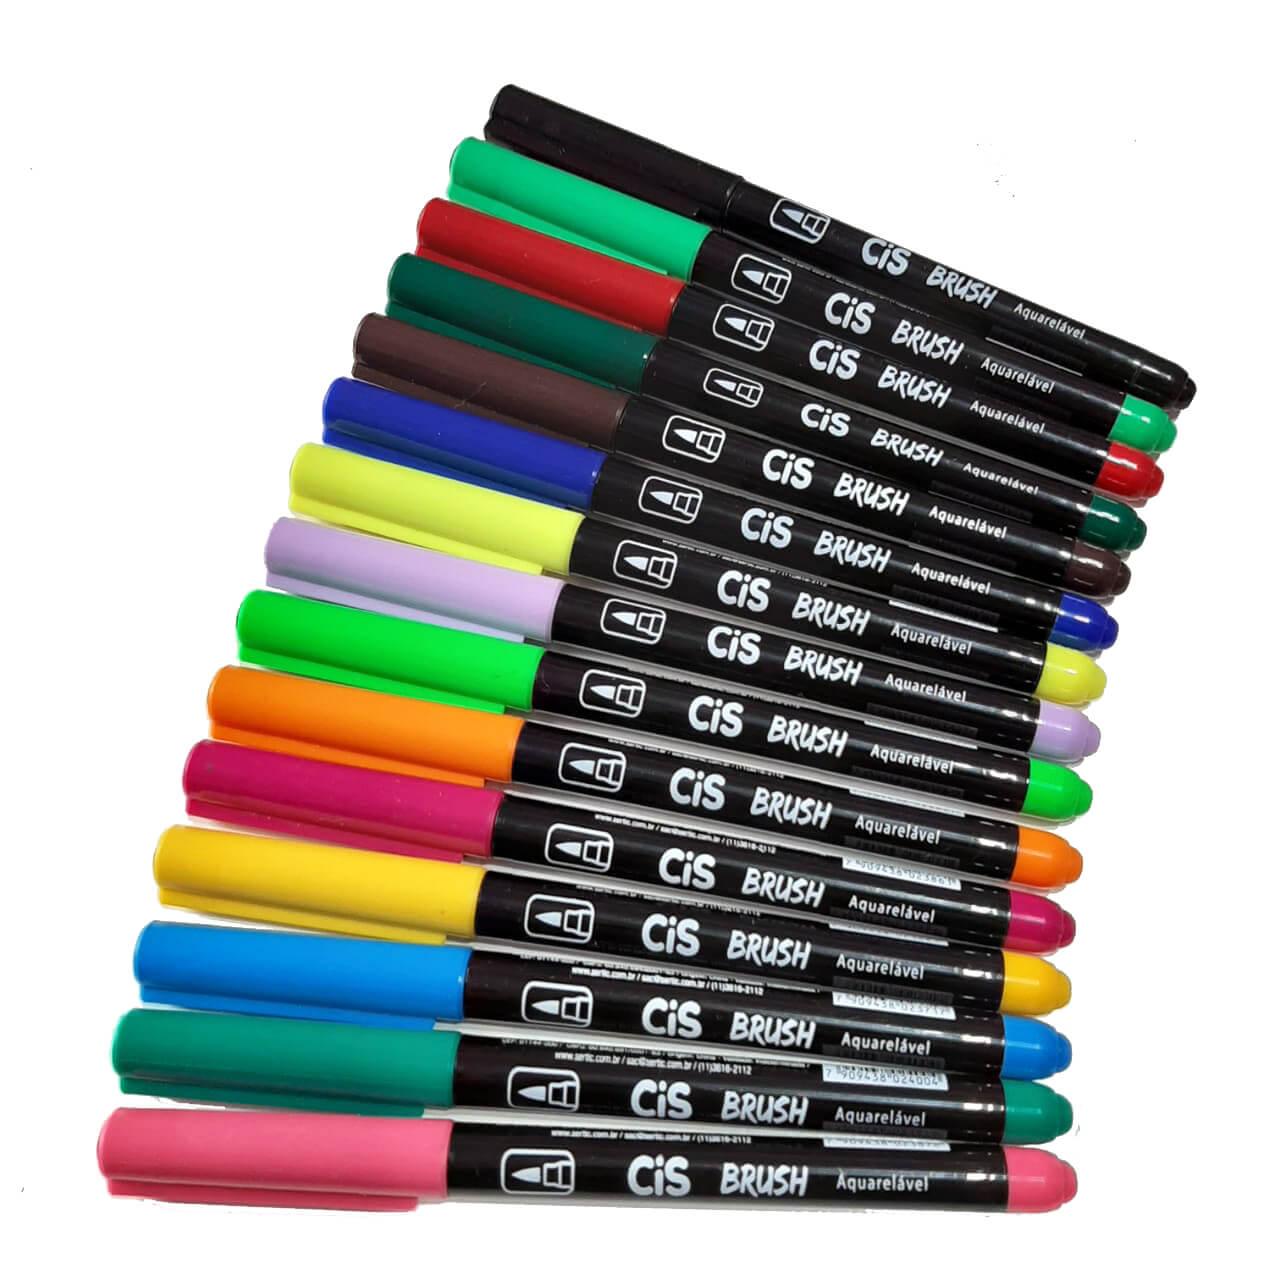 Cis Brush Pen Aquarelável Unitária